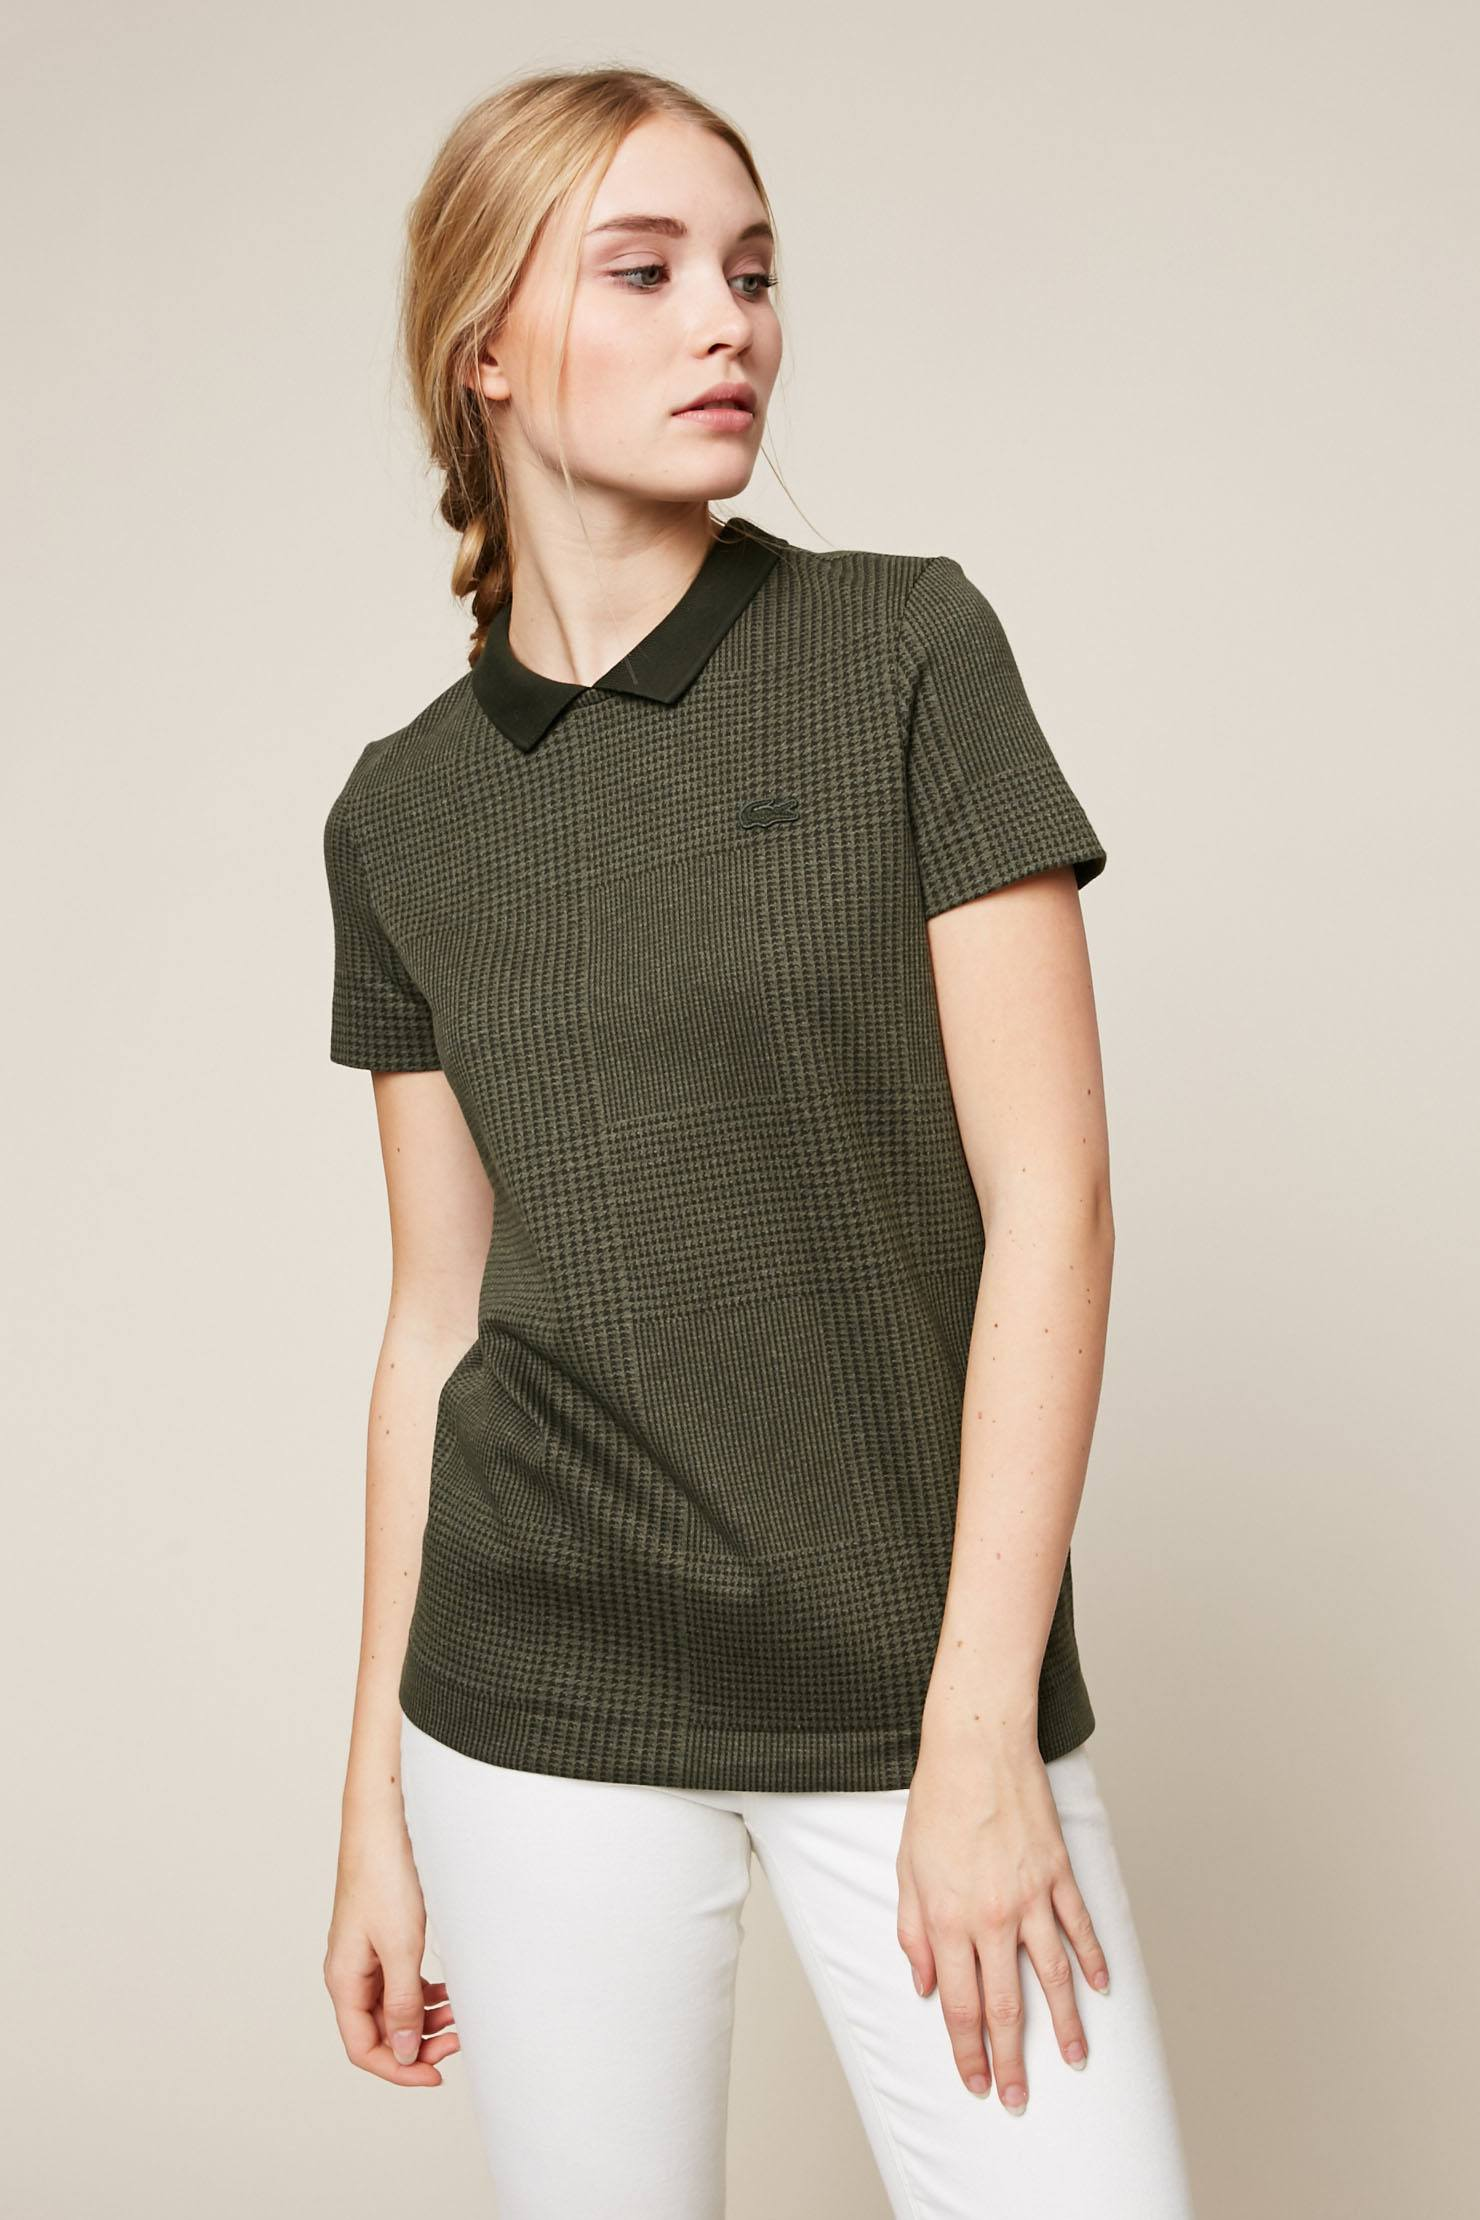 Lacoste T-shirt imprimé pied de poule kaki - T-Shirt Femme Monshowroom